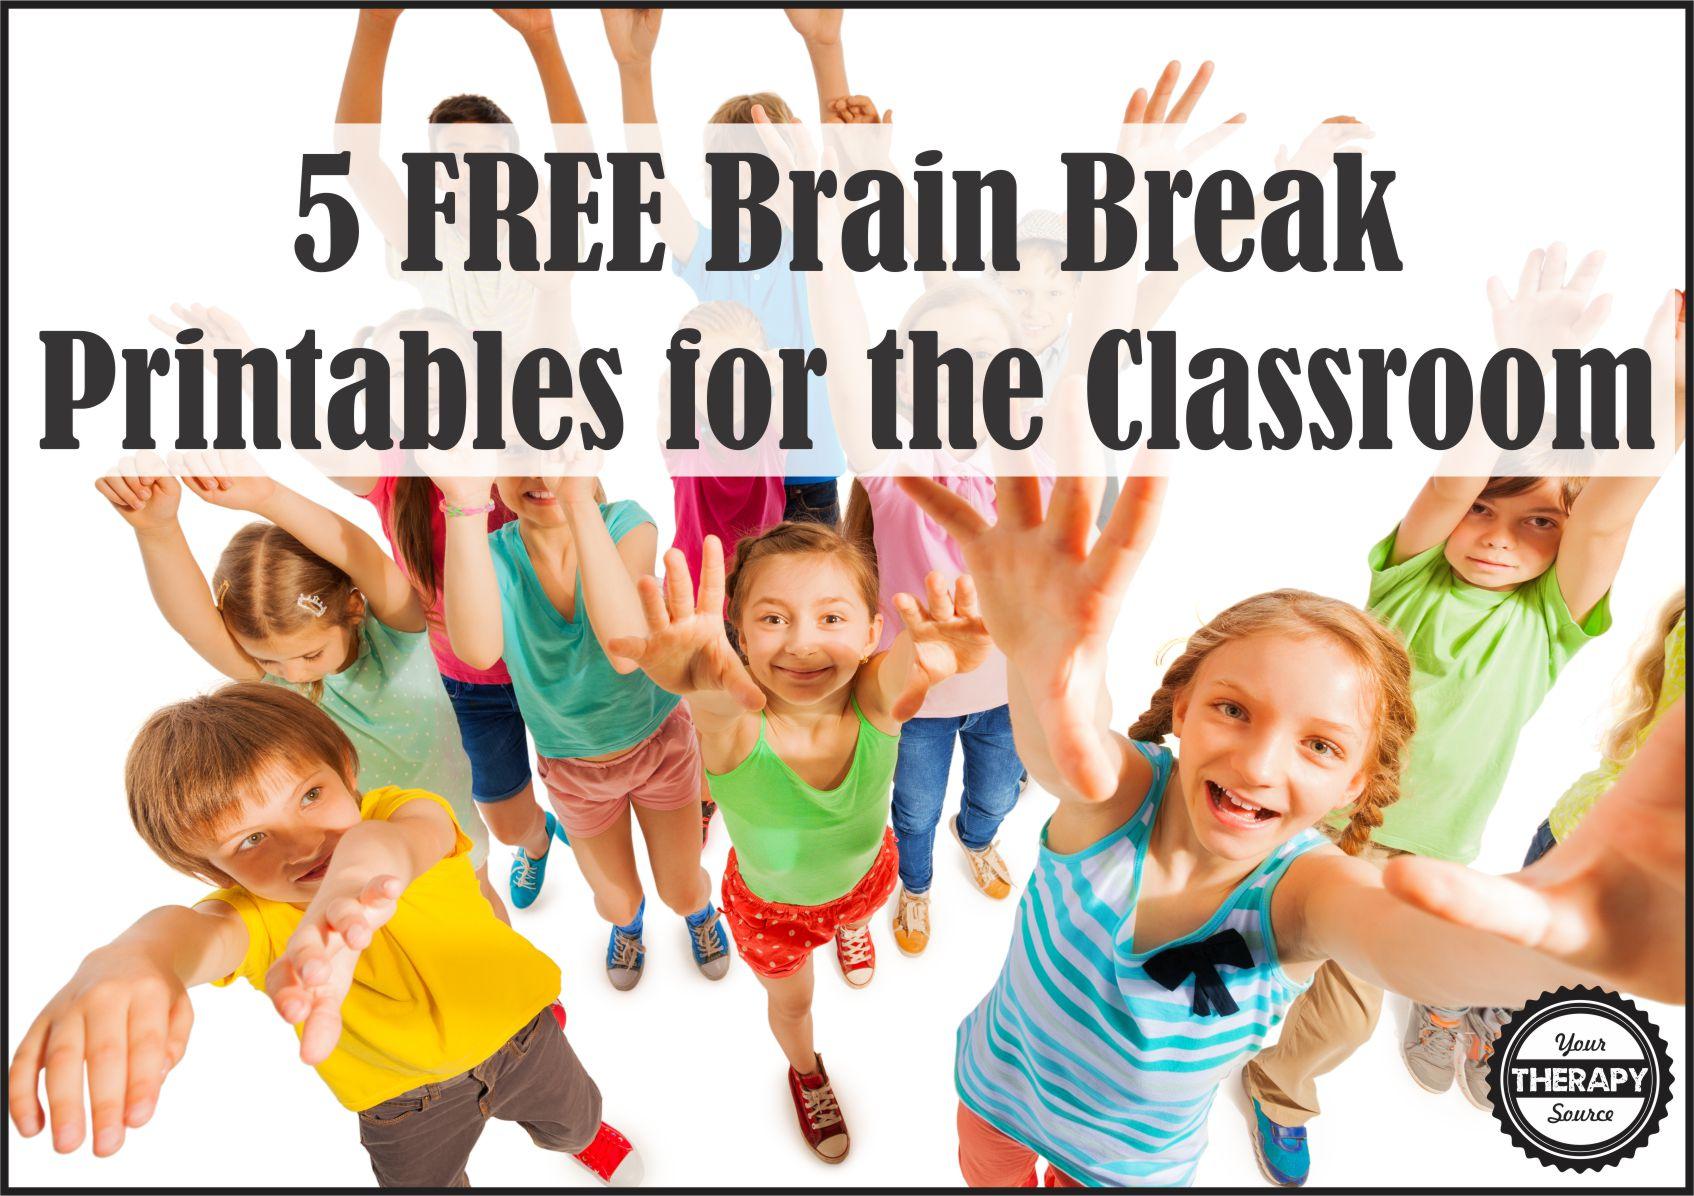 5 FREE Brain Break Printables